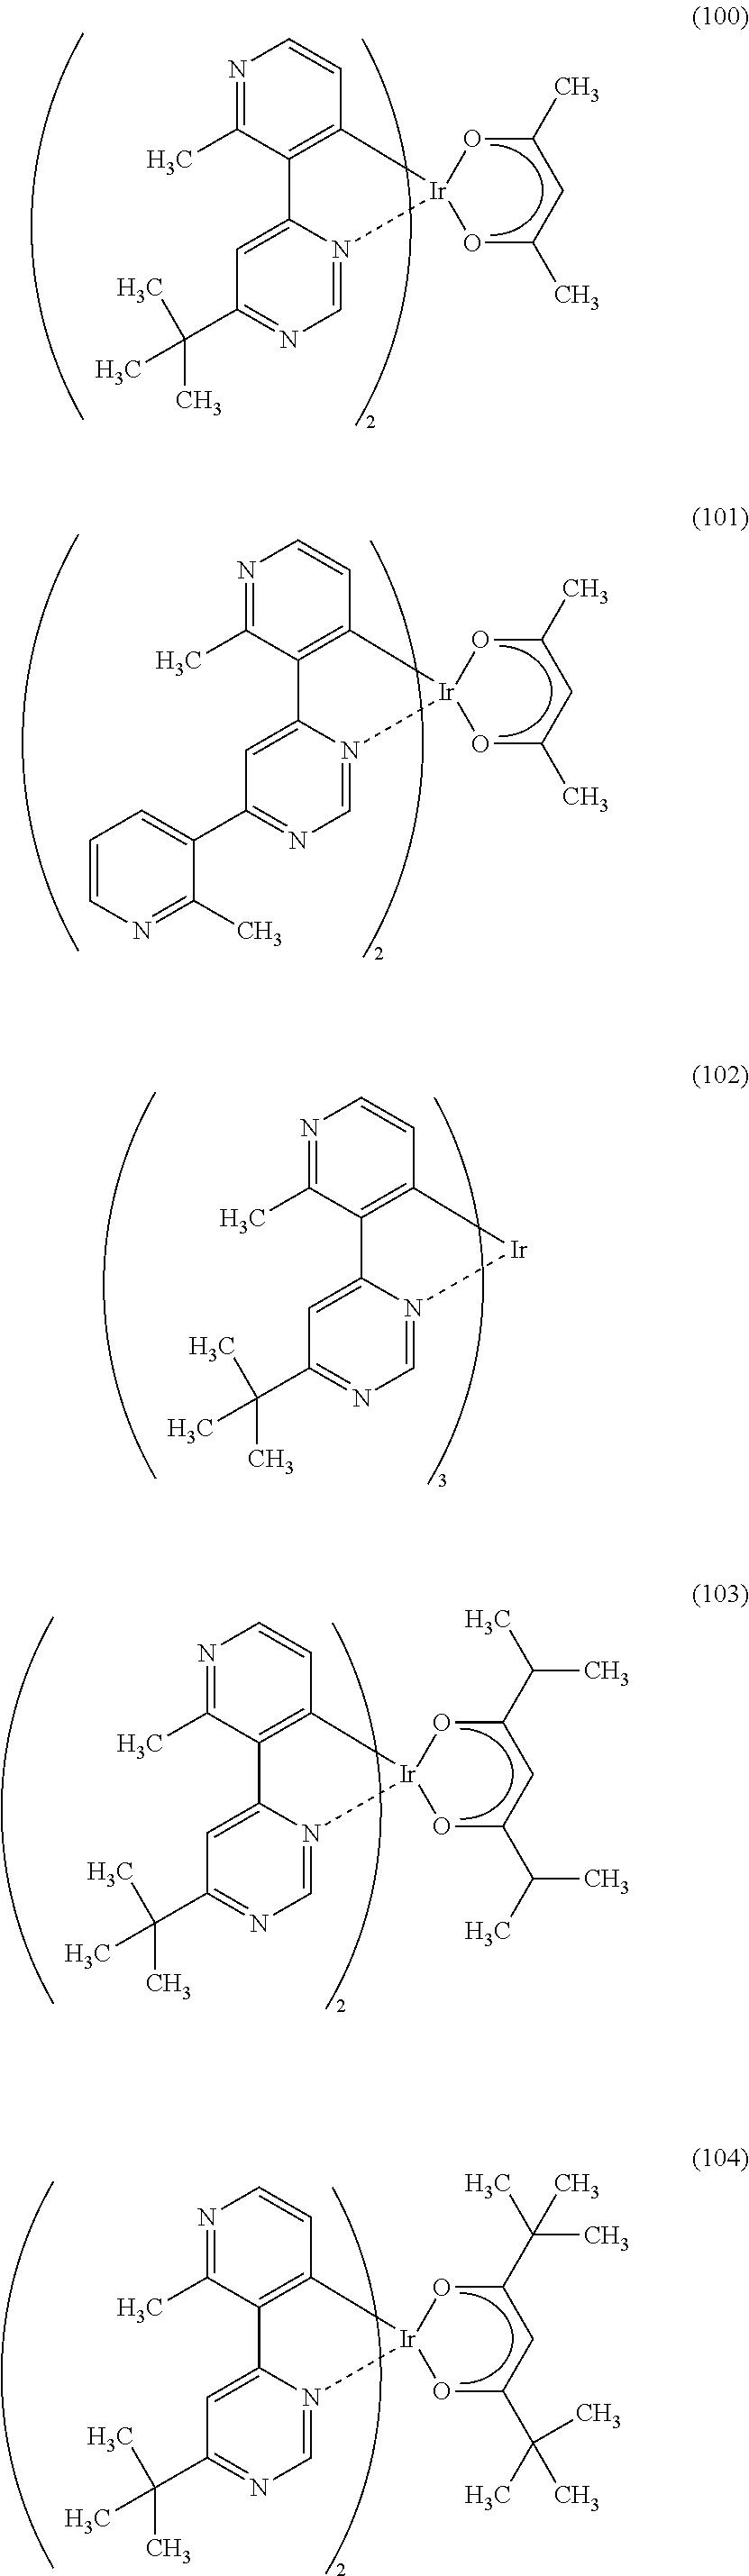 Figure US08889858-20141118-C00016